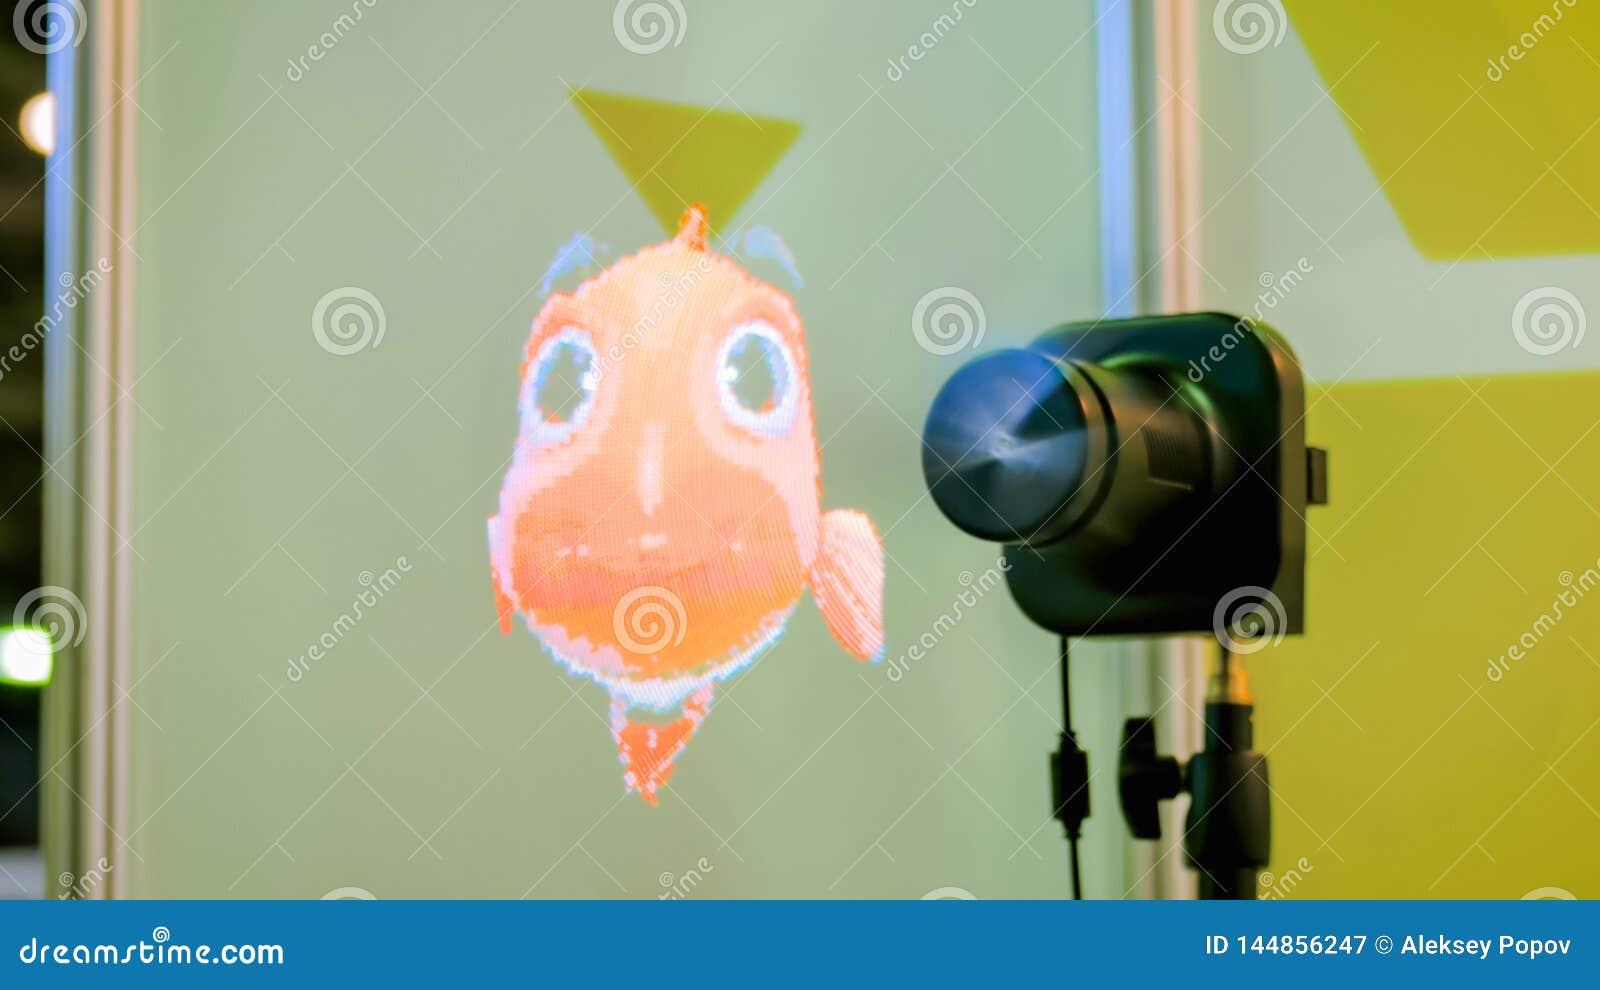 3D ledde holofanen som annonserar projektorn